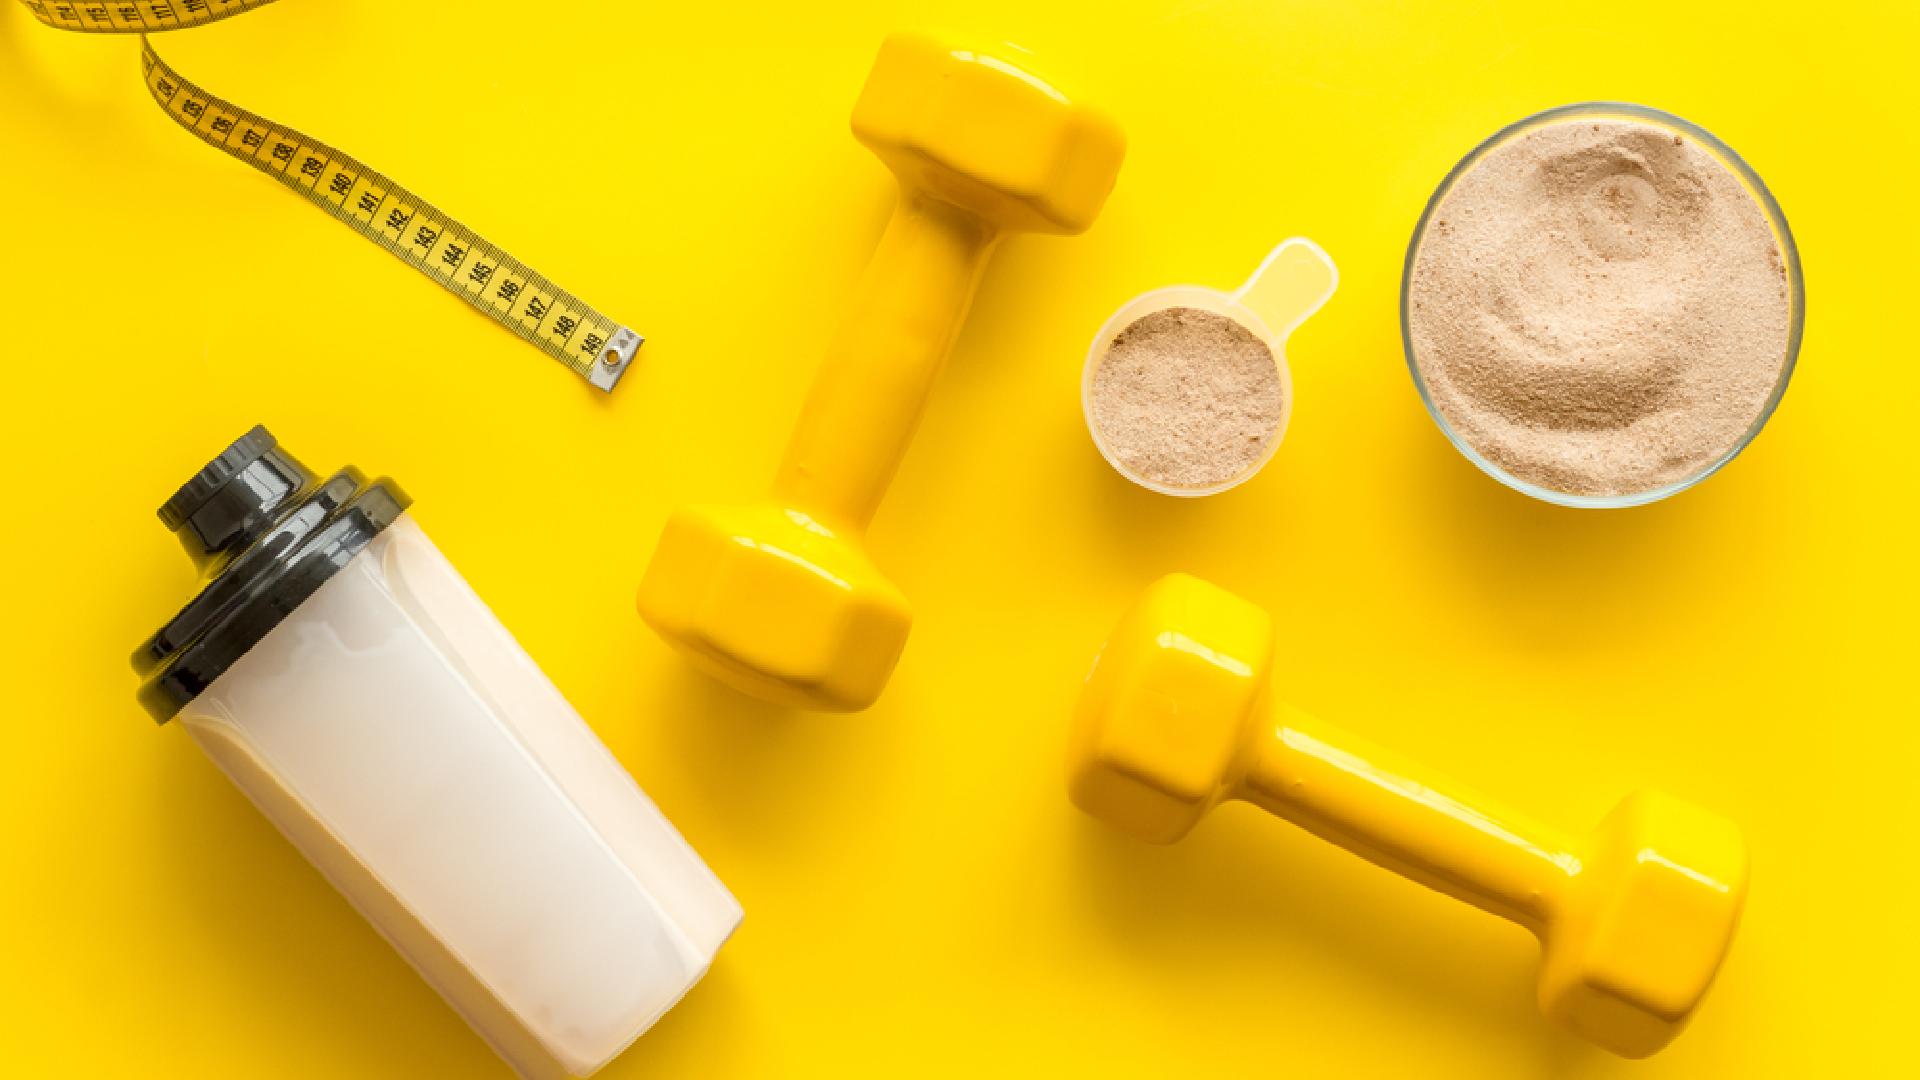 Entenda se o Whey Protein engorda ou emagrece (Imagem: Reprodução/Shutterstock)